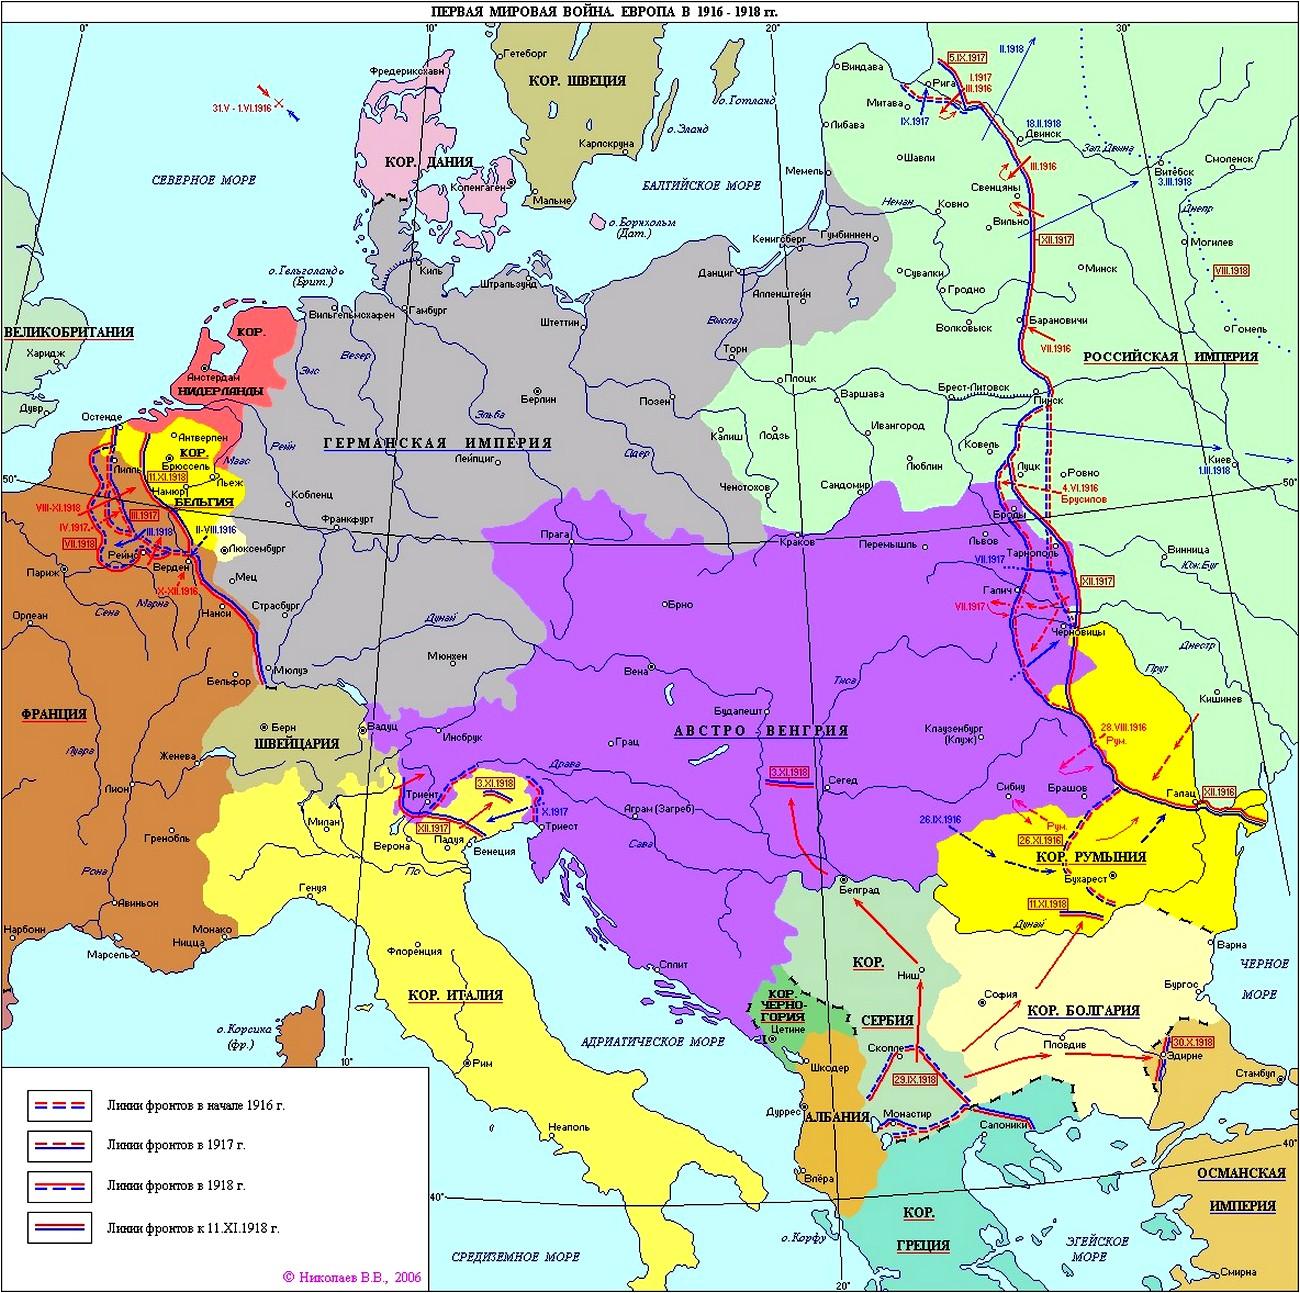 Первая мировая война. Карта 1916-1918 гг.